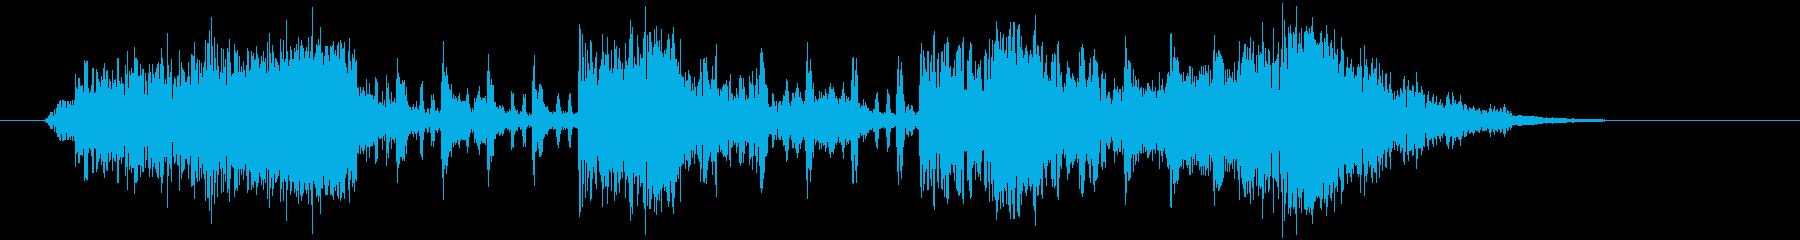 軽やかで勢いあるクラシカルポップジングルの再生済みの波形